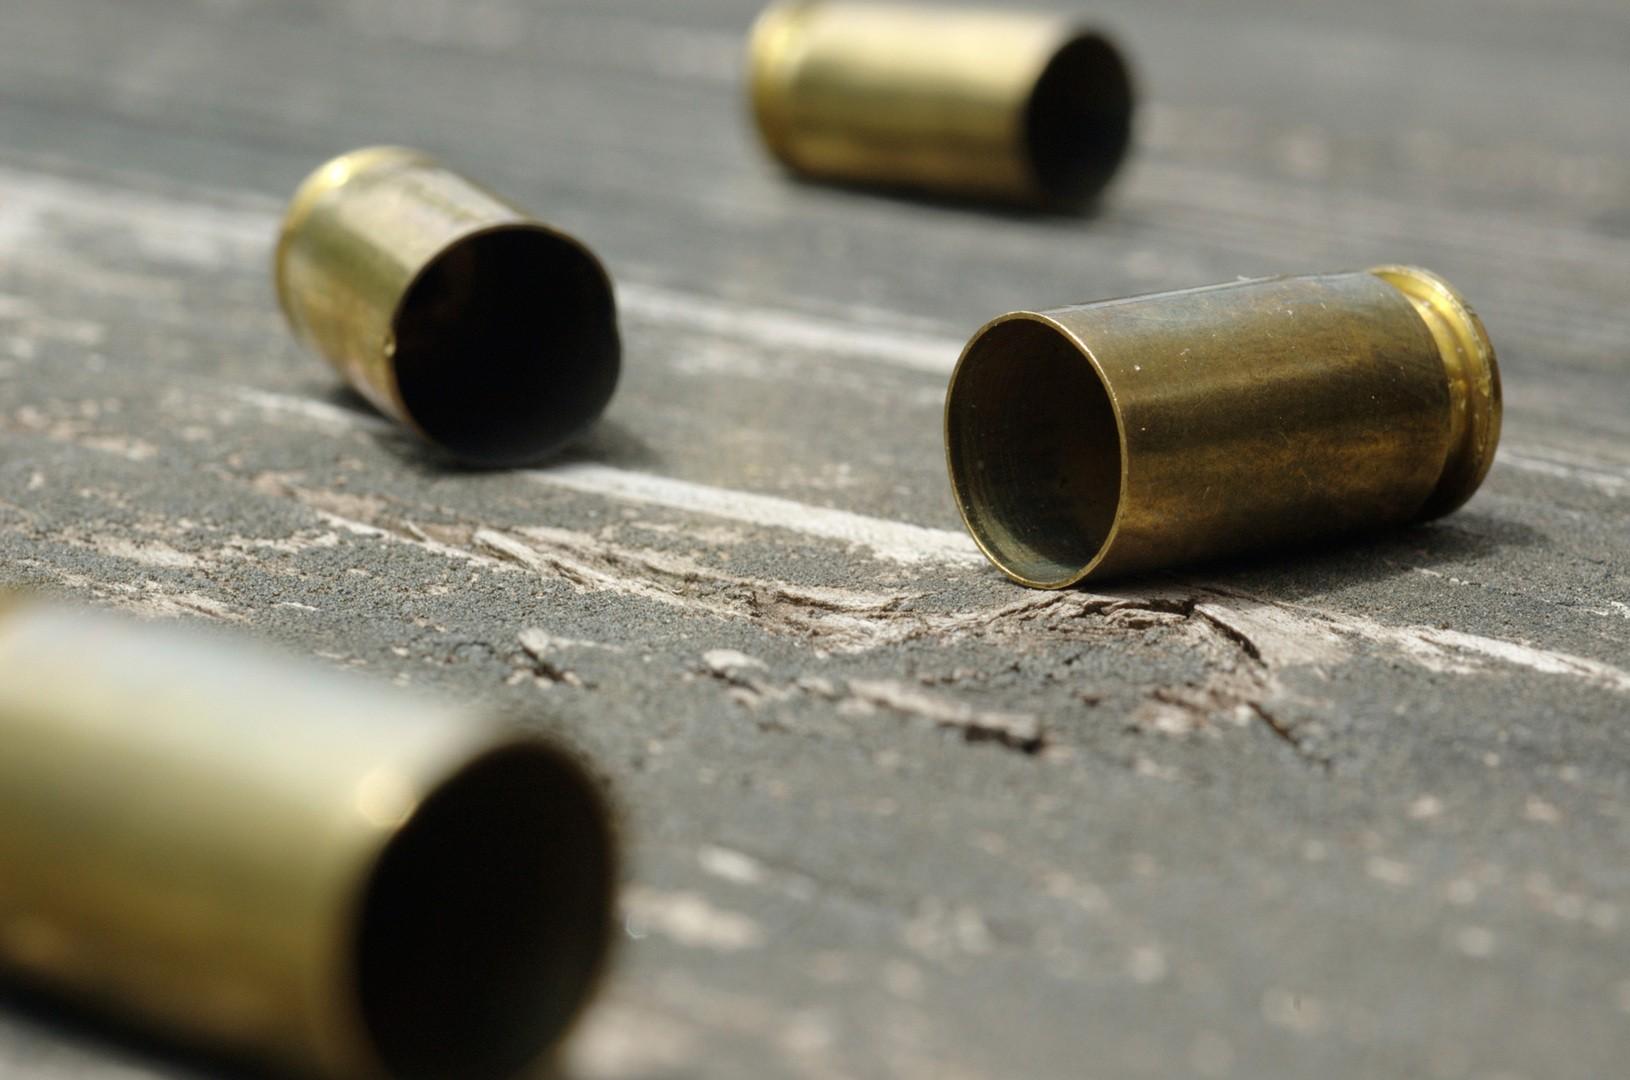 Rapaz é assassinado enquanto almoçava em lanchonete de Umuarama